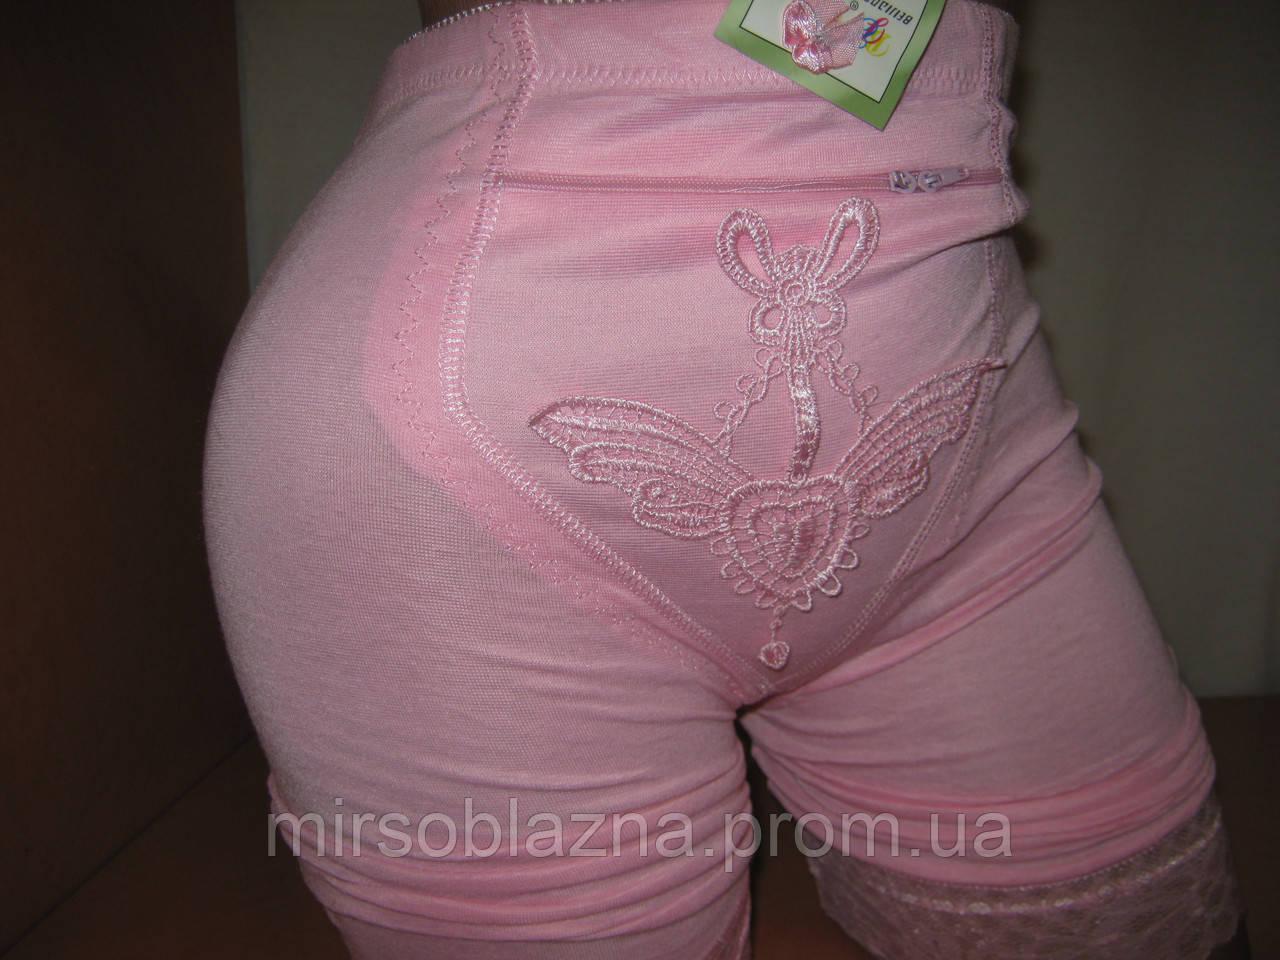 Панталоны утягивающие розовые с карманчиком р.XXXХL